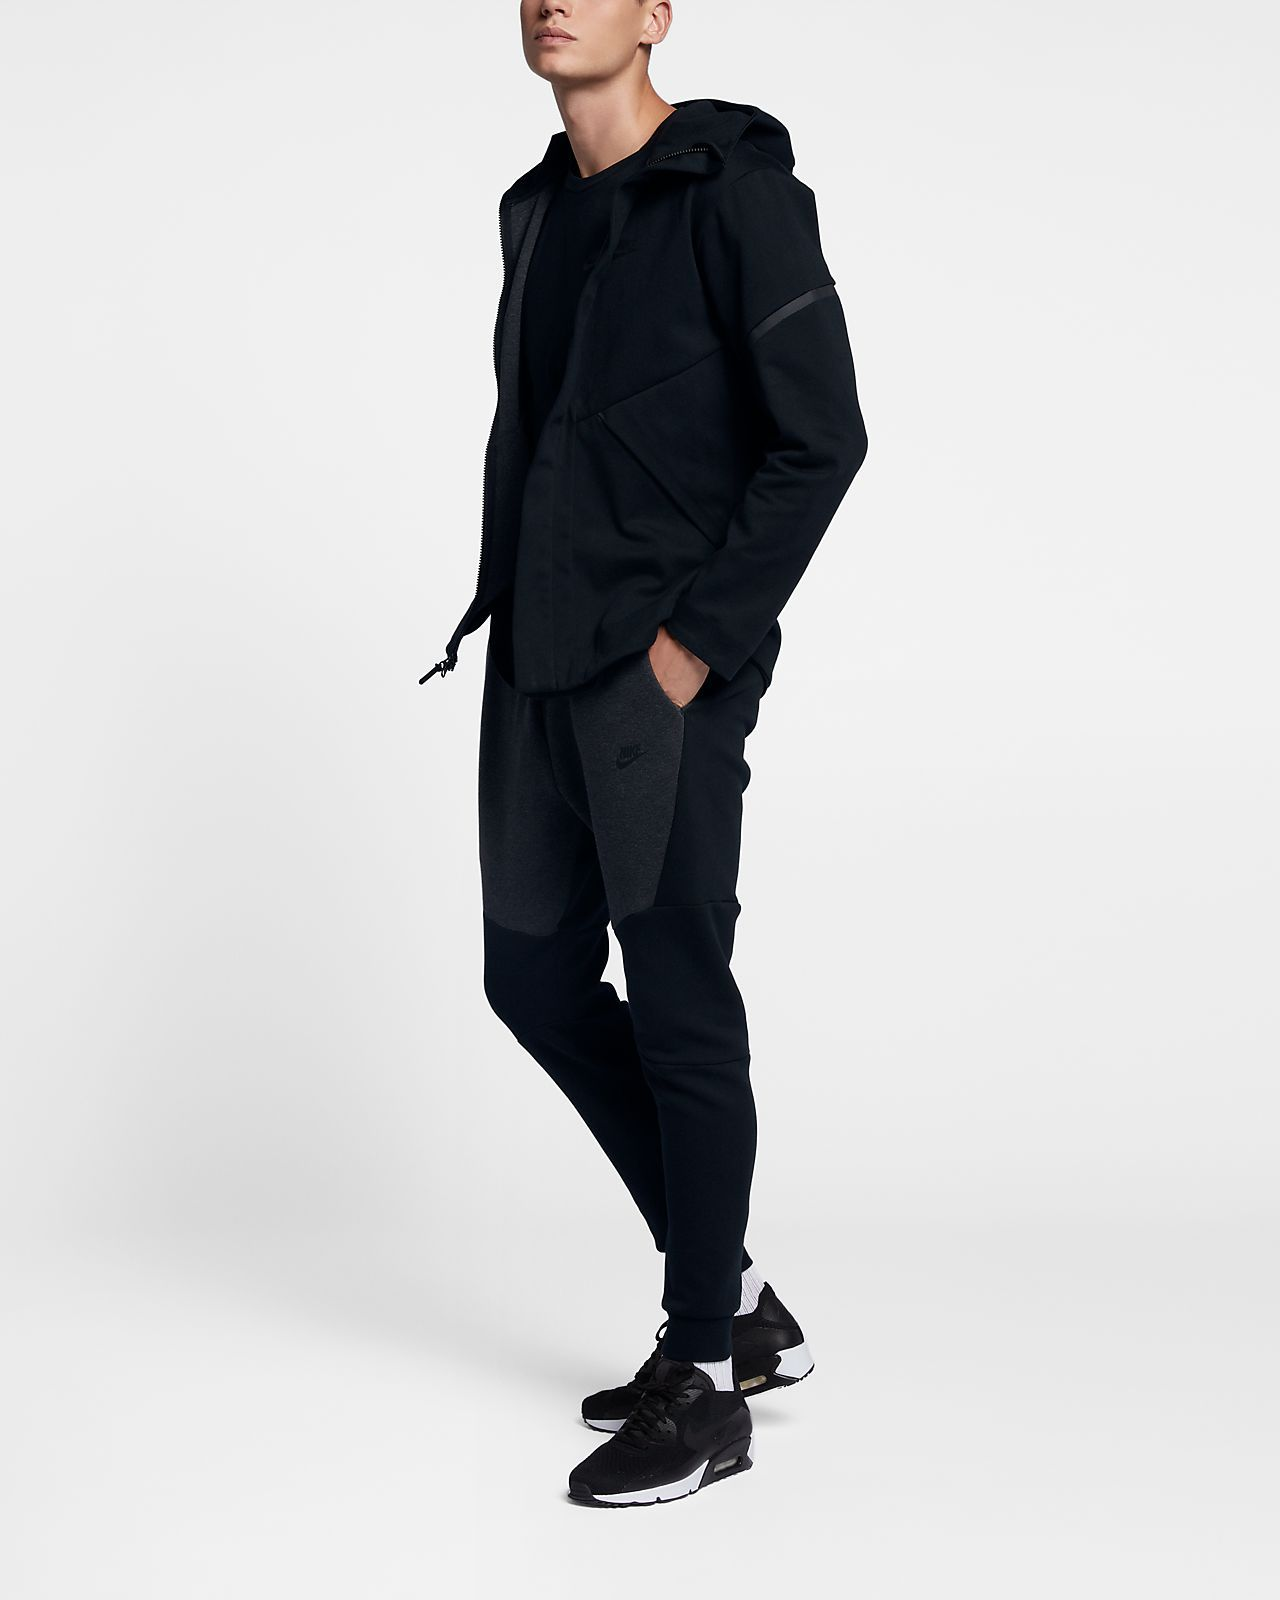 7a32882f7432 Nike Sportswear Tech Fleece Repel Windrunner Men s Jacket